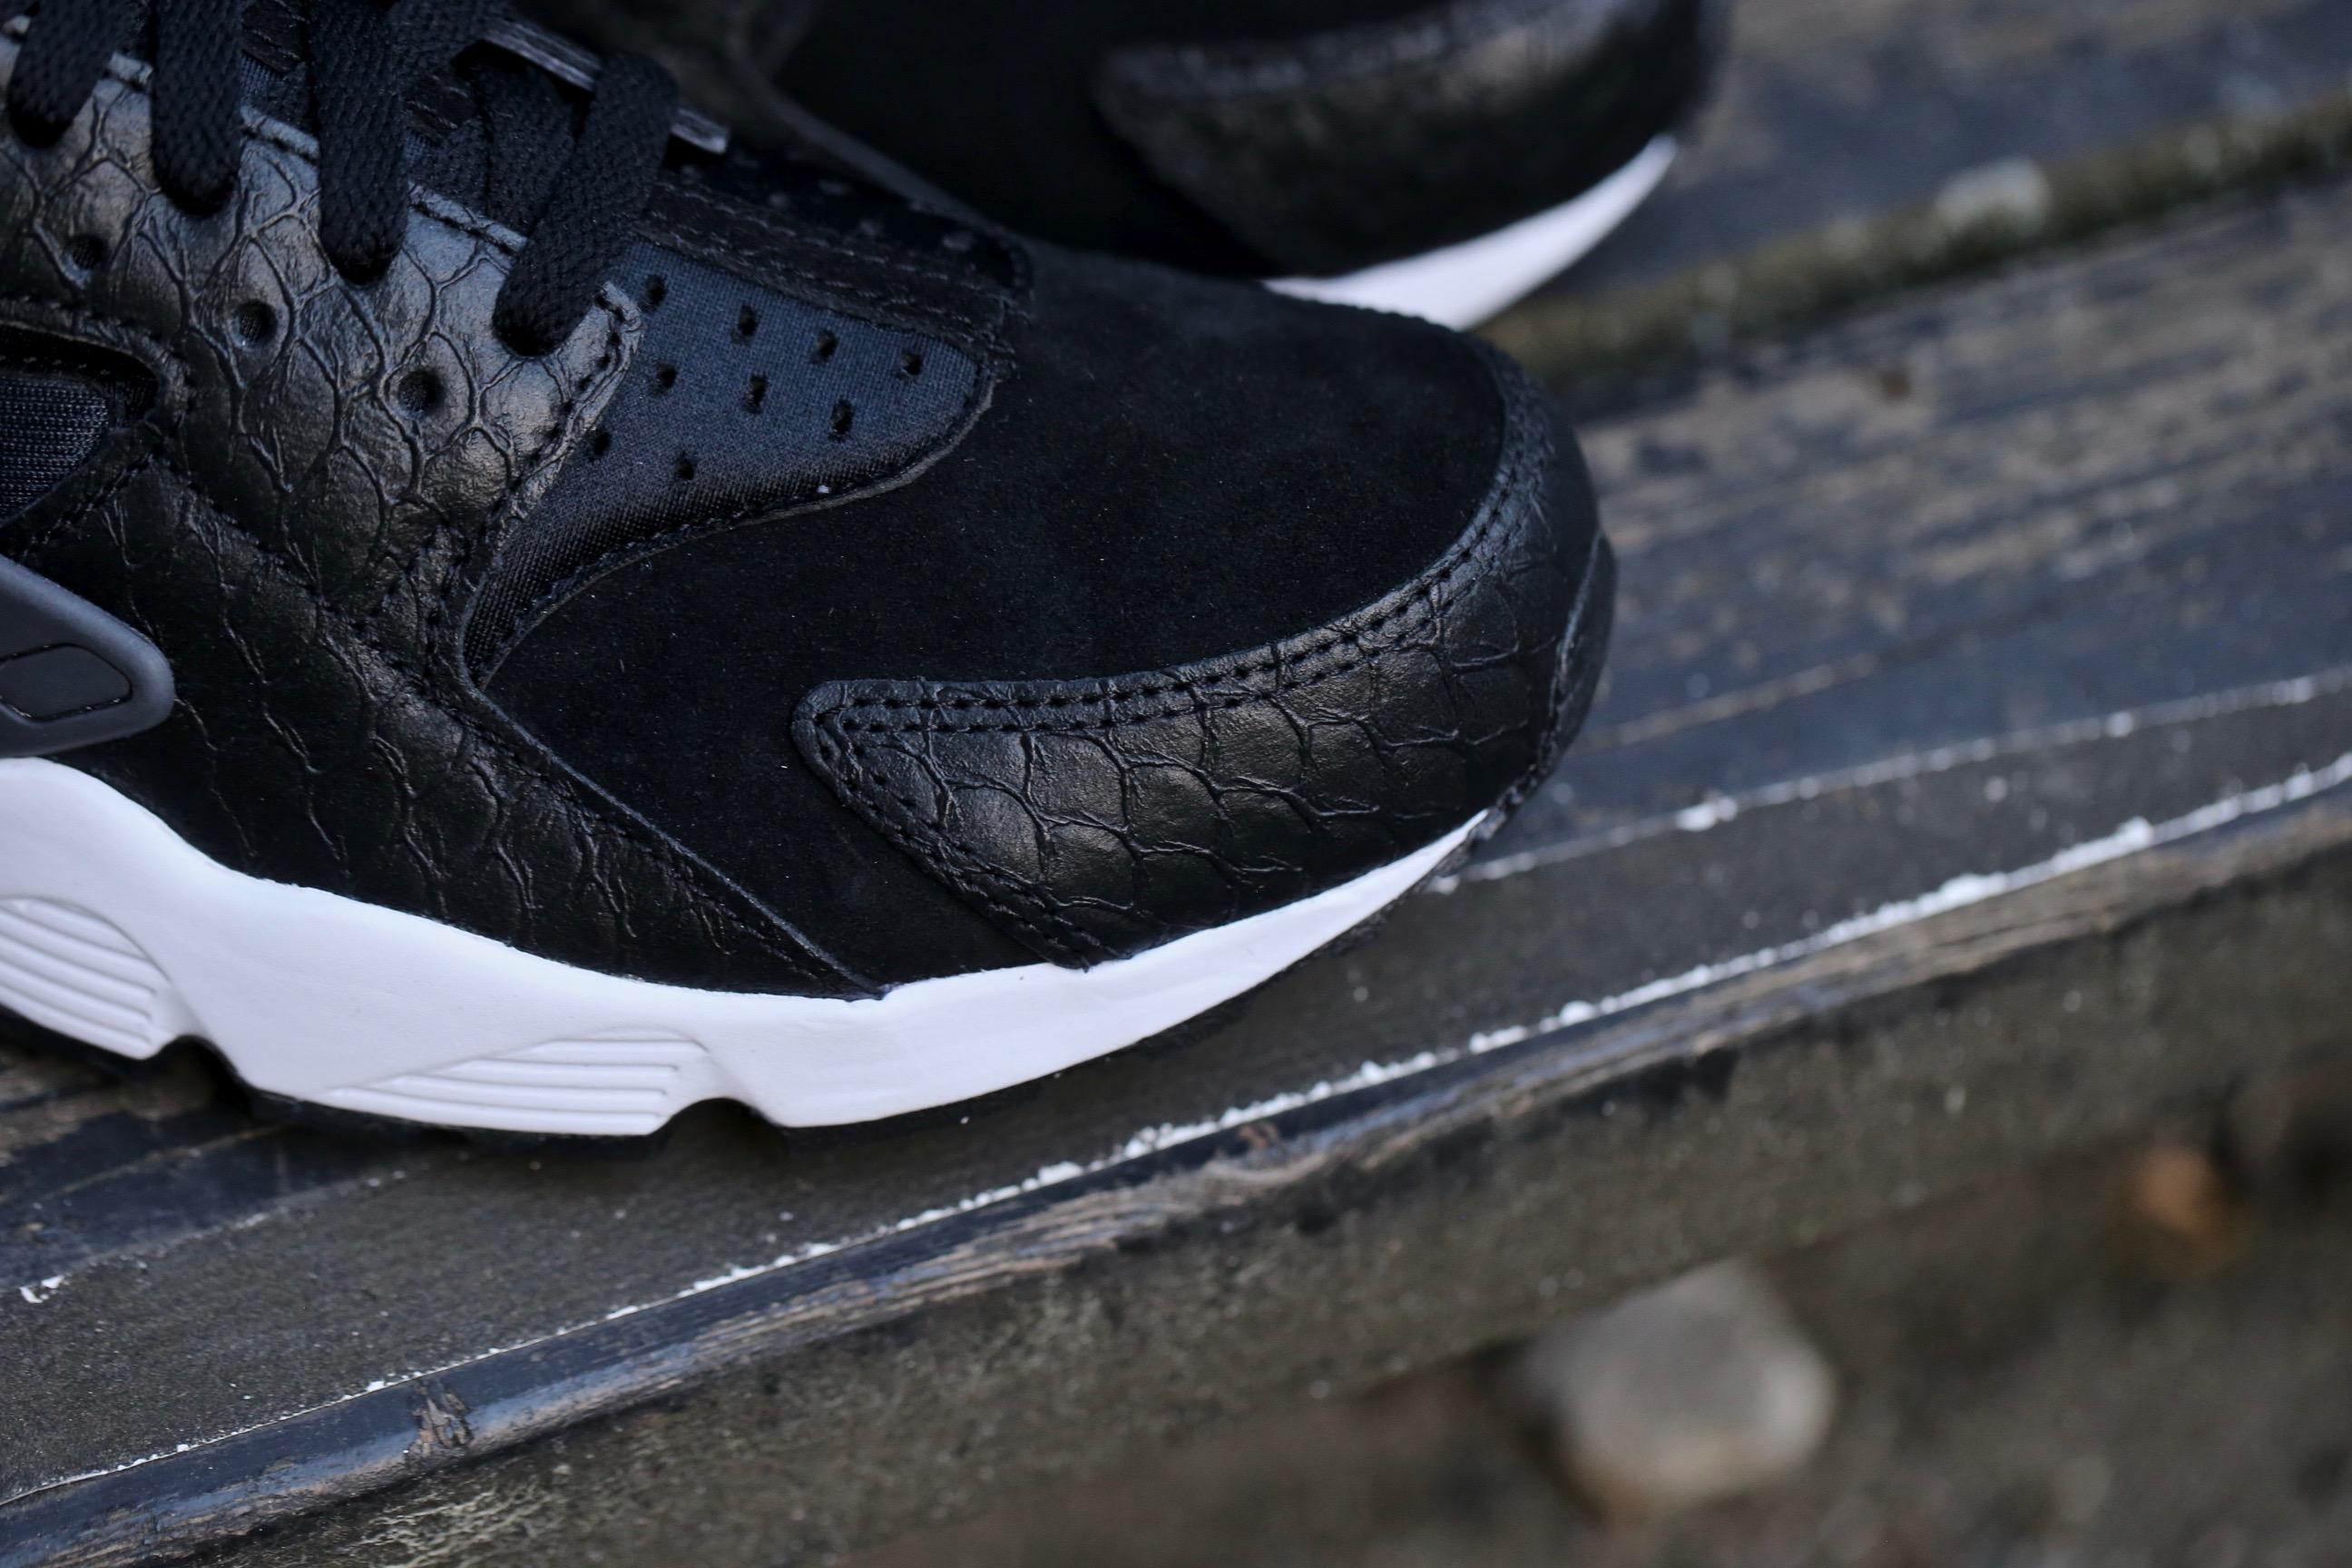 très bon marché visite de dégagement Nike Air Huarache Course Prm Fondu Noir / Gris Blanc Noir grande vente manchester nouveau débouché explorer sortie 6xd93